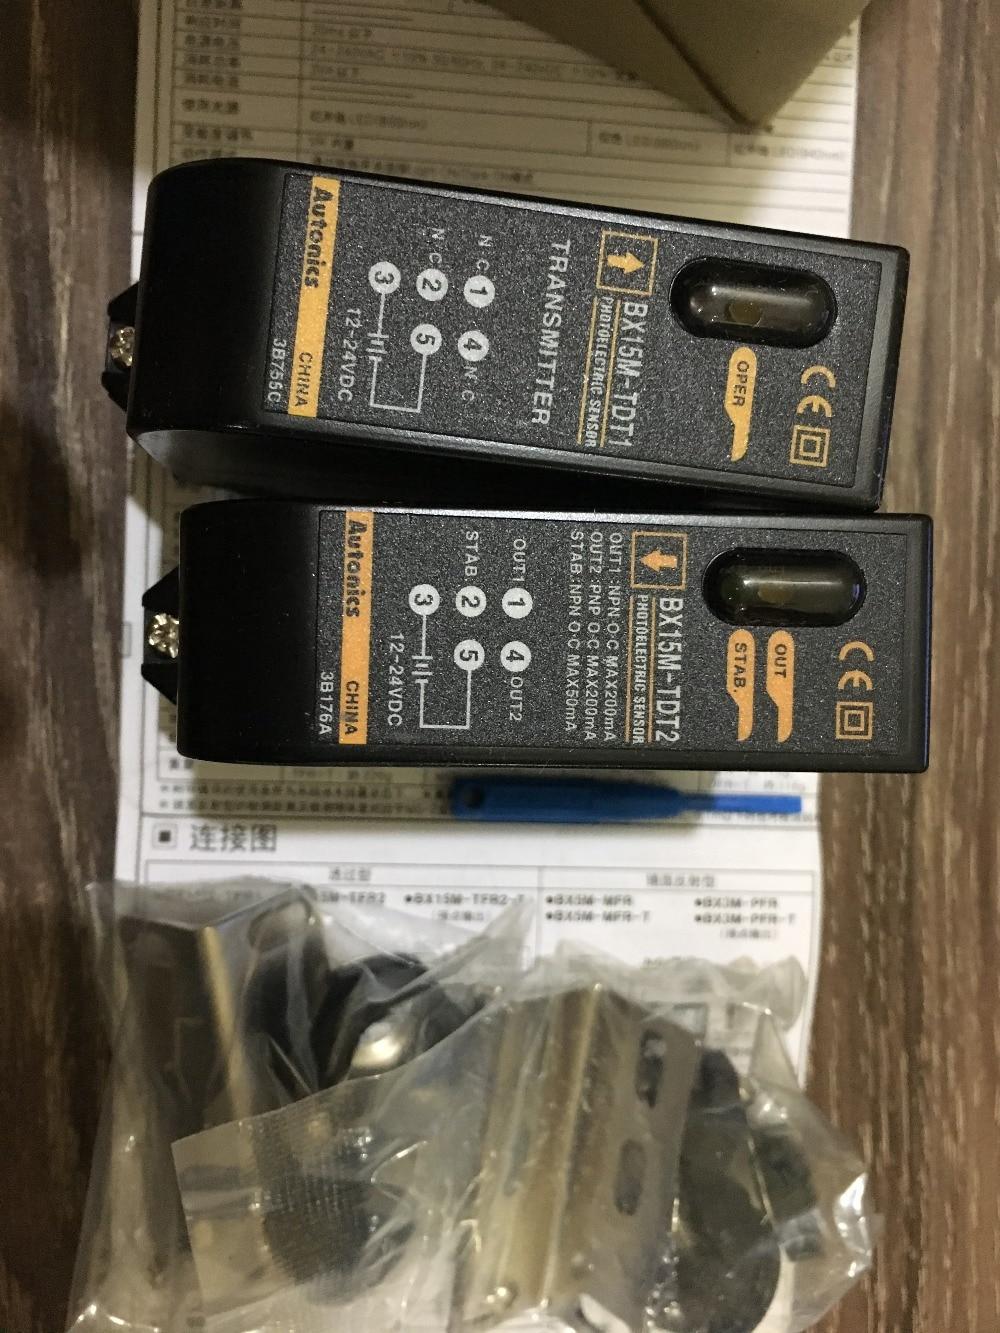 new original BX15M-TDT Autonics photoelectric sensors new original btf30 ddtl p autonics photoelectric sensors